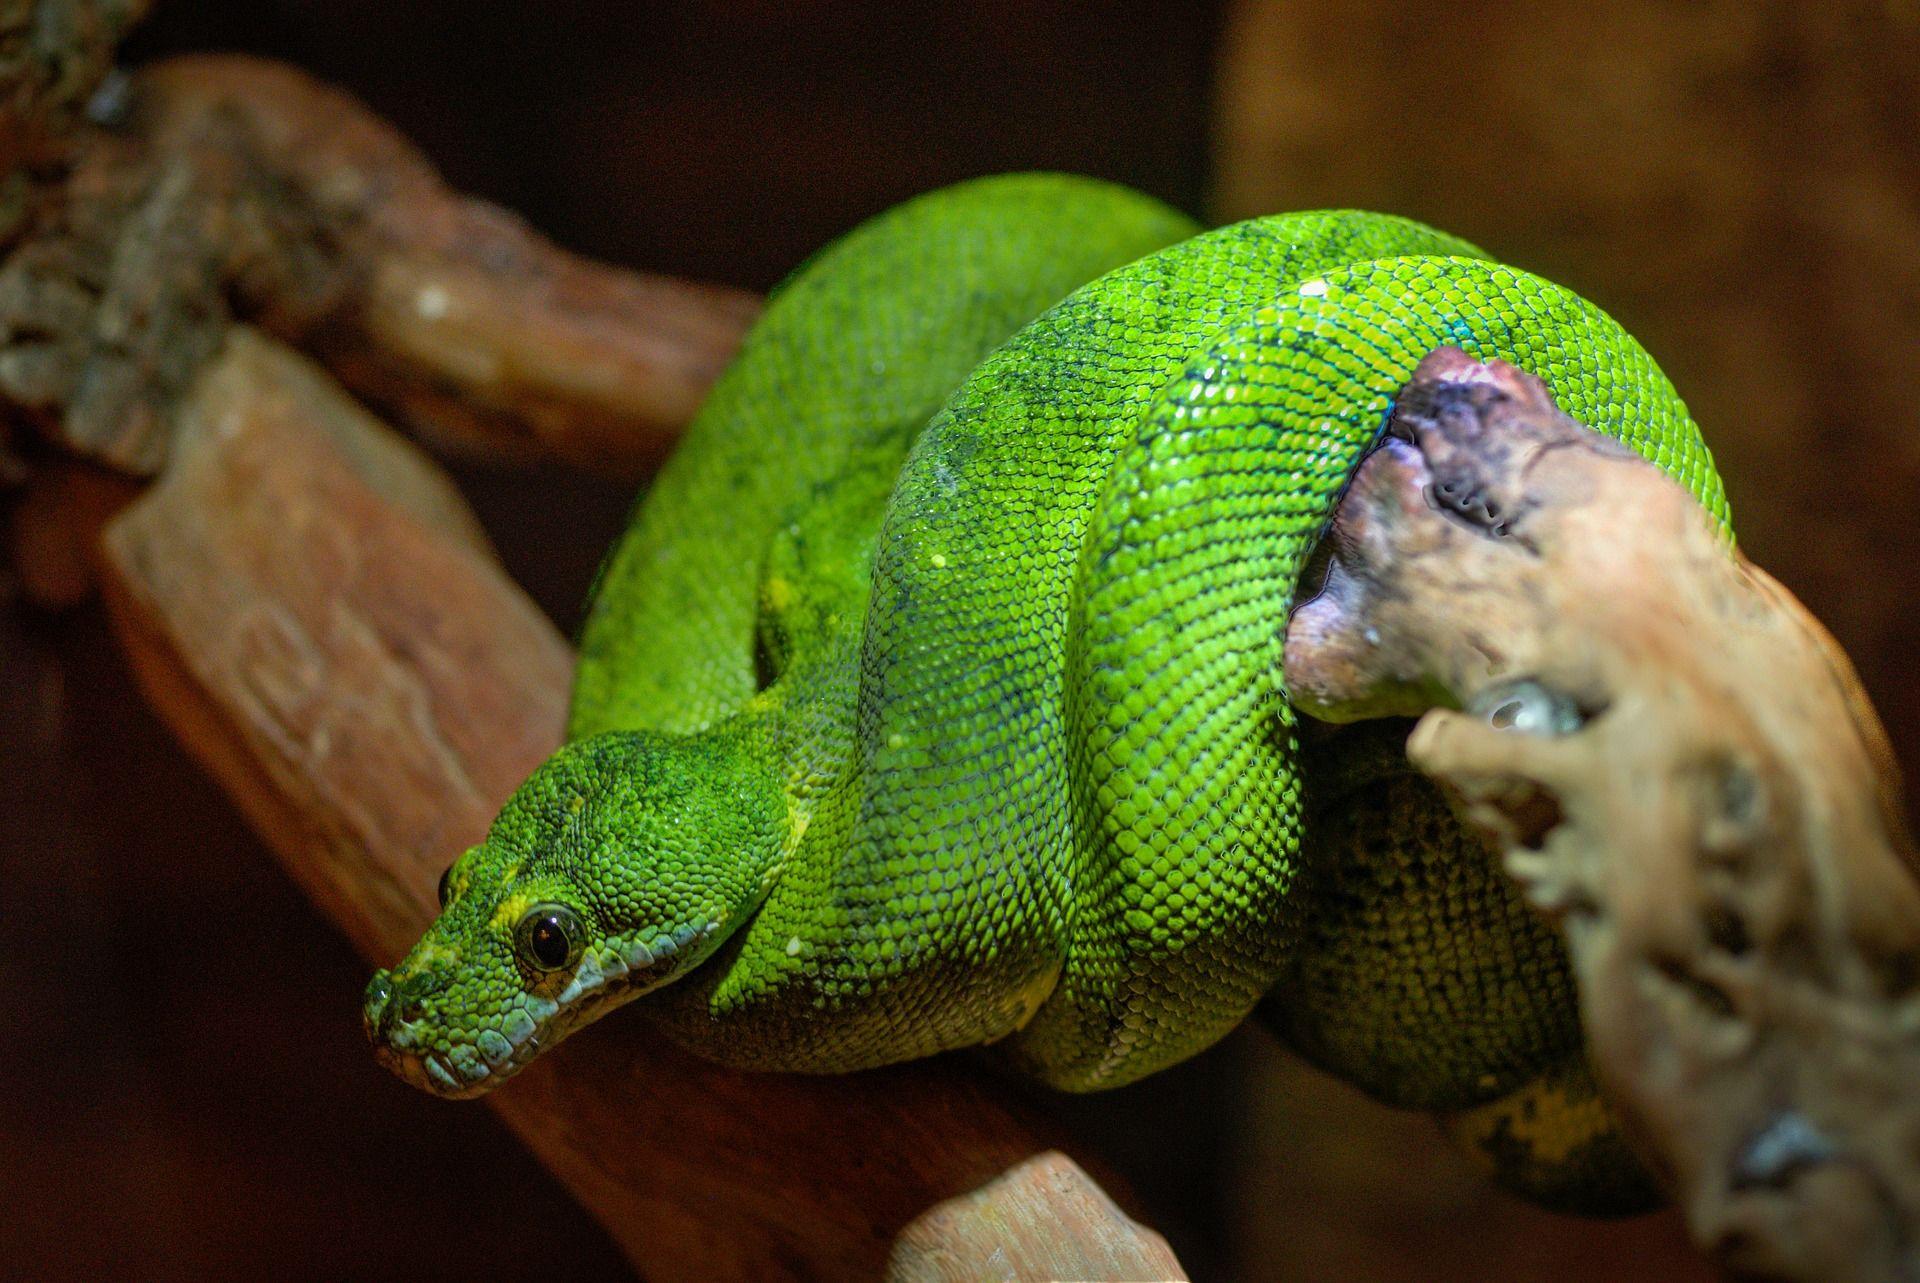 Фото змеи, укус которой может быть смертельным